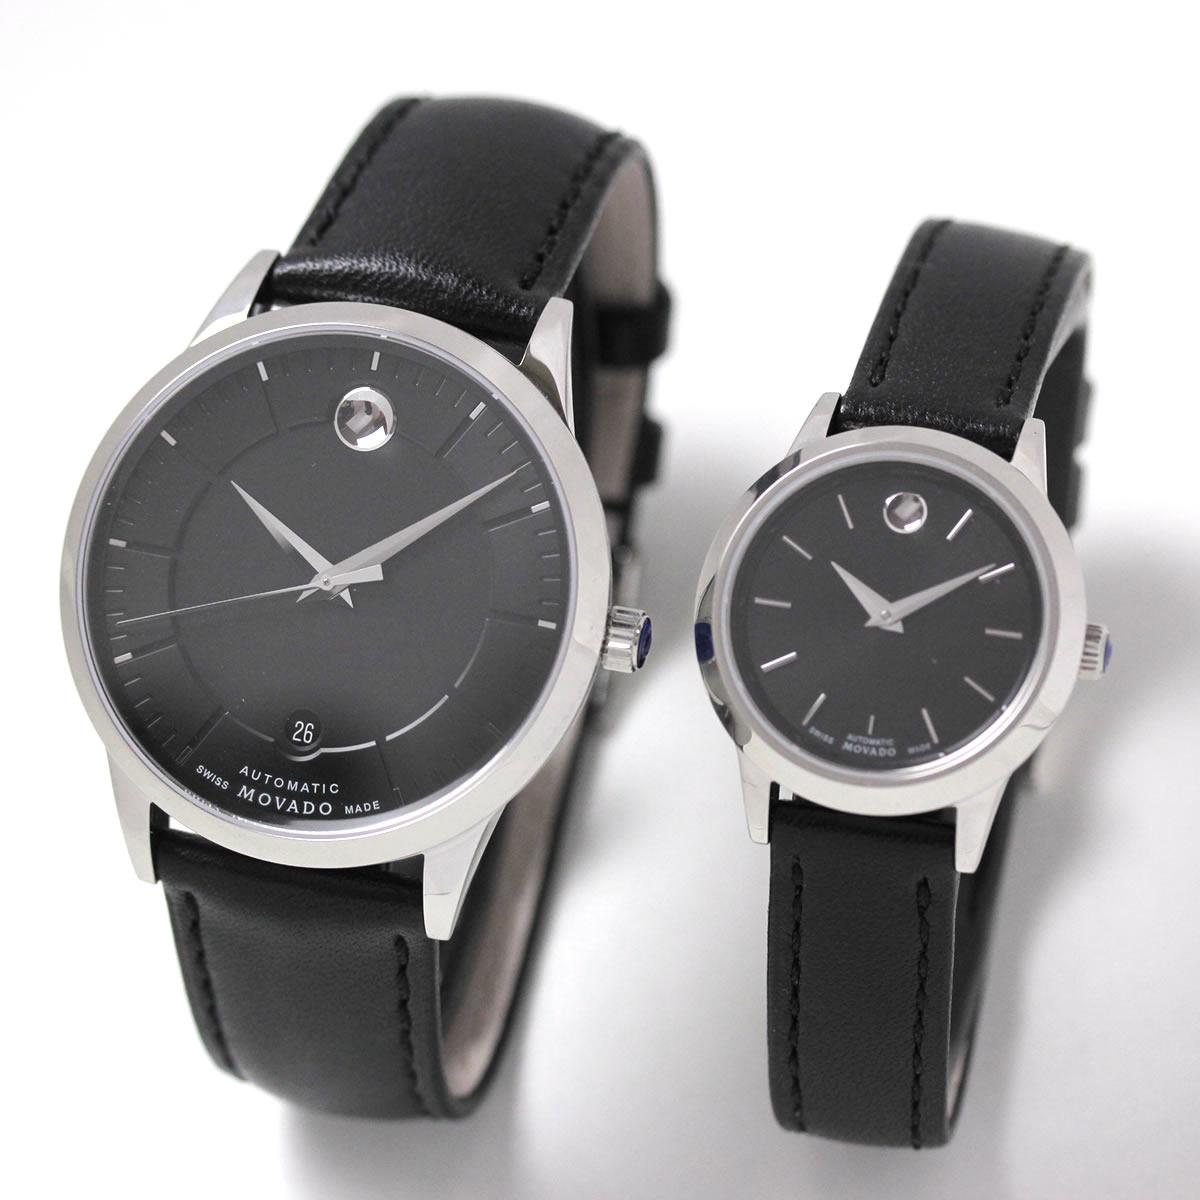 モバード 1881 AUTOMATIC ペア腕時計 m06068738103l-m06069238103l